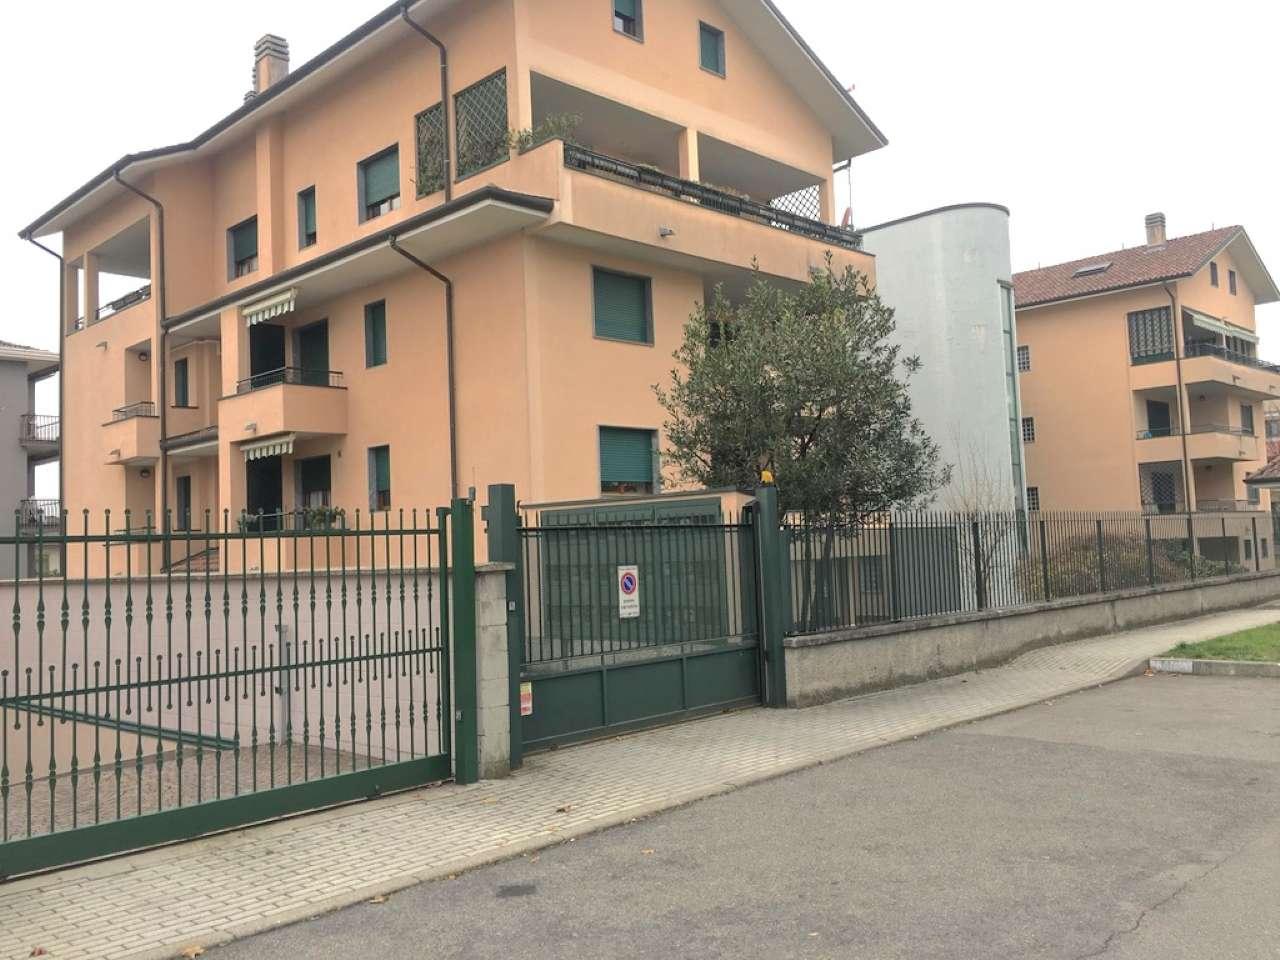 Appartamento in affitto a Pogliano Milanese, 2 locali, prezzo € 600 | CambioCasa.it